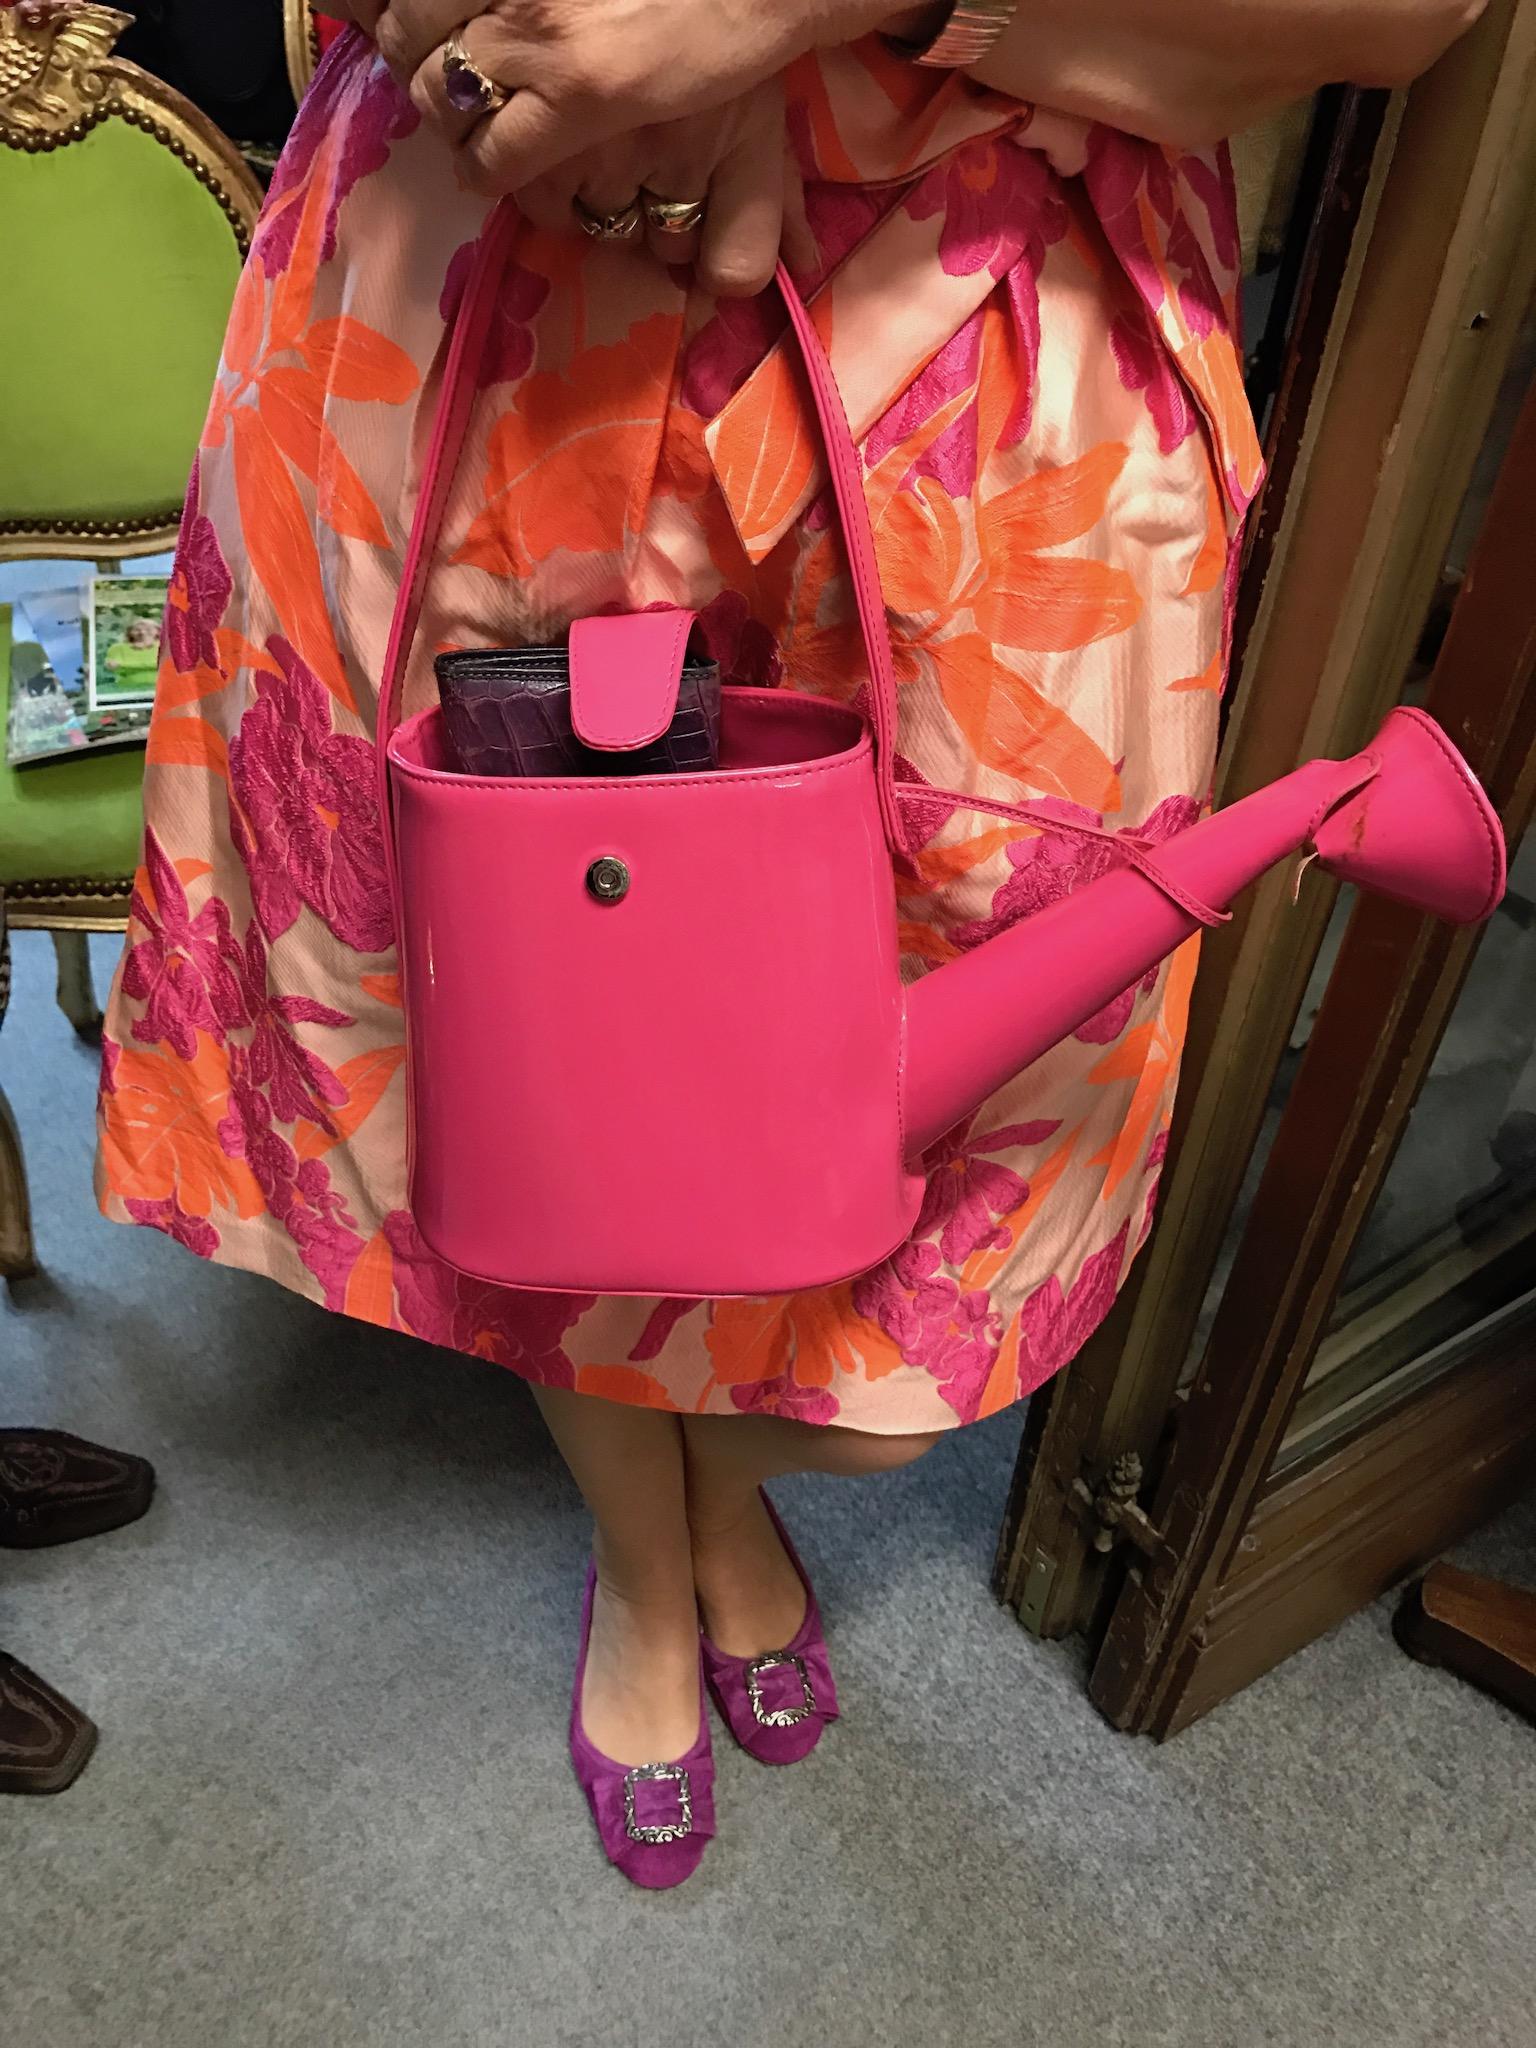 Gießkannen Handtasche, Gießkanne als Handtasche, außergeöhnlich Handtasche, Fashion-Blog Lieblingsstil,